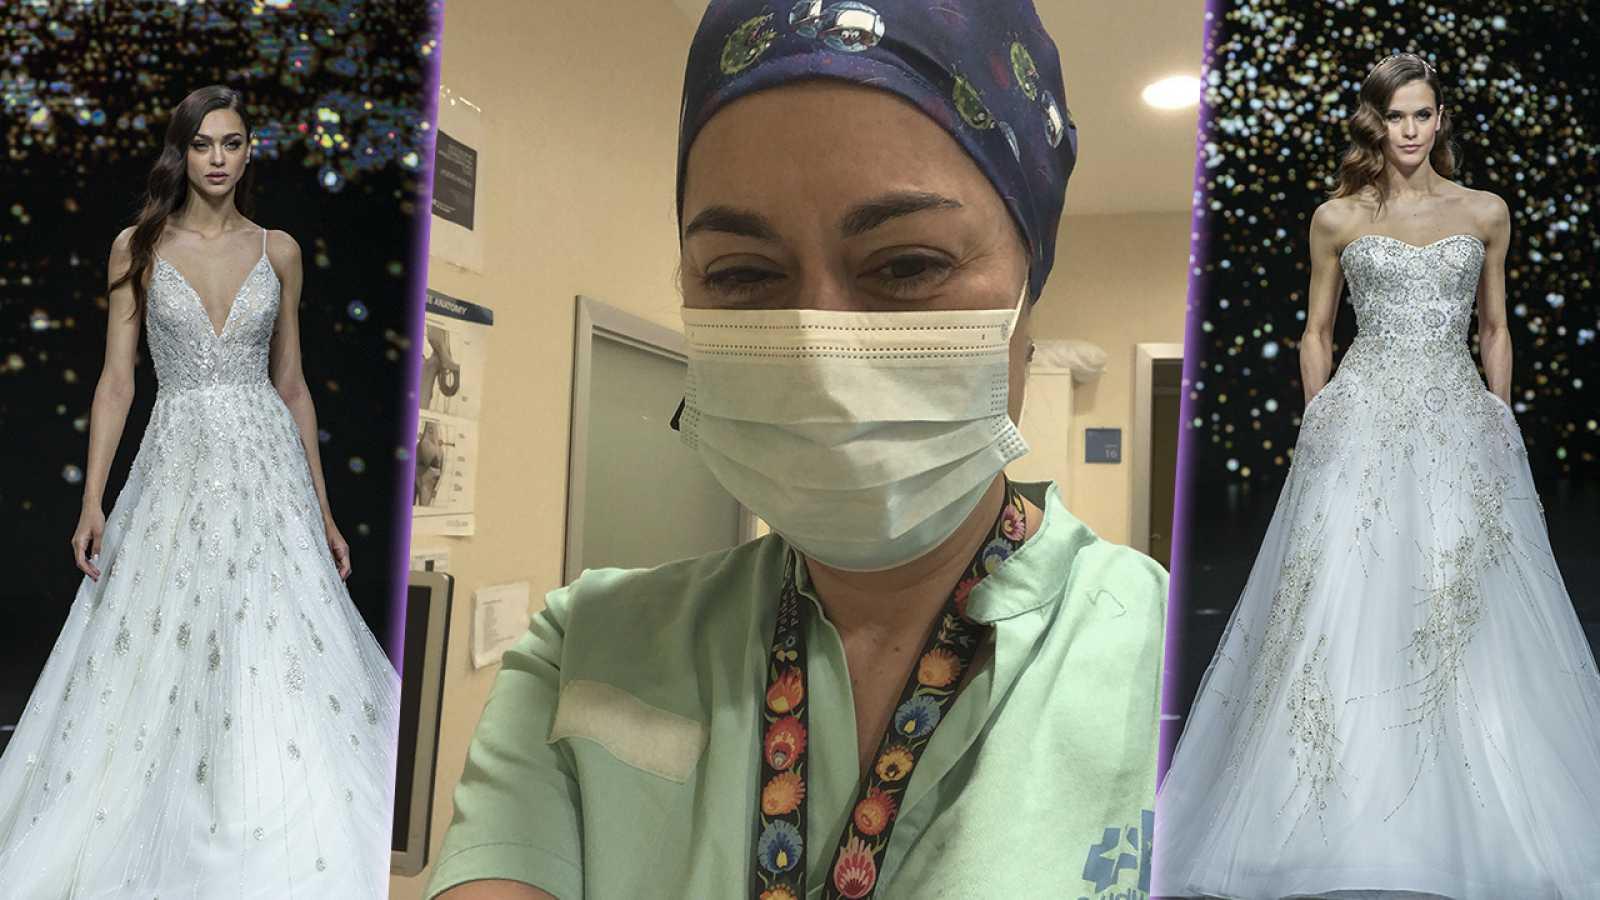 Corazón y tendencias - Belén es una de las enfermeras que se casará de Pronovias